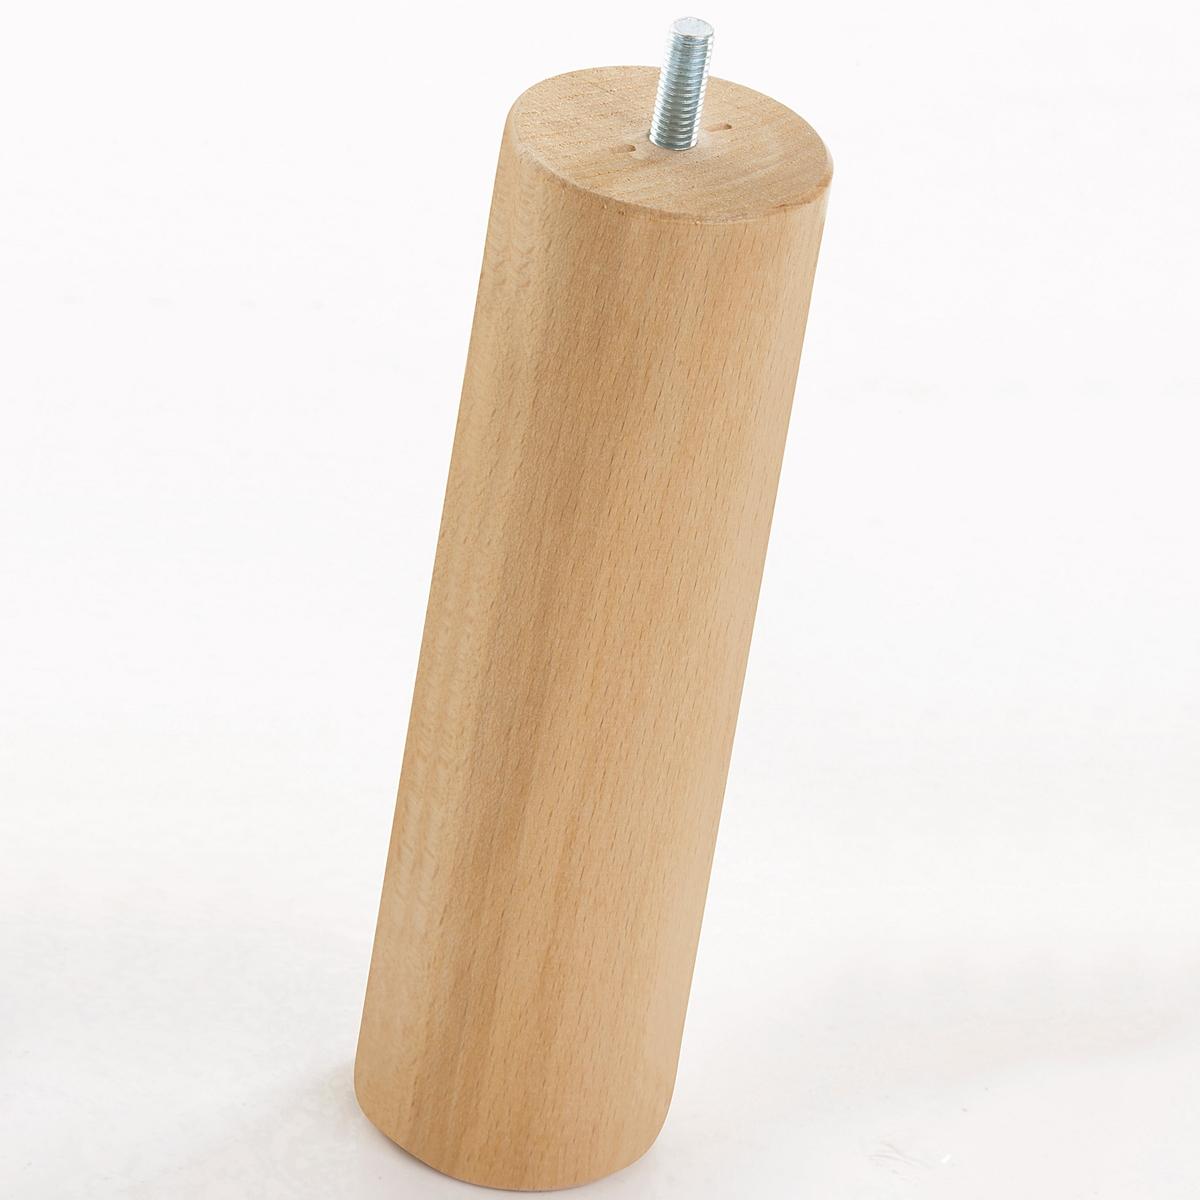 4 ножки для кроватного основания4 ножки, адаптируемые для любого типа кроватного основания (вкручивающиеся или вставляемые в паз)   .    Характеристики : - Ножки кроватного основания из массива бука с покрытием целлюлозным лаком . - В комплекте 4 ножки . Размер :- ?6 x В 20 см .<br><br>Цвет: серо-бежевый